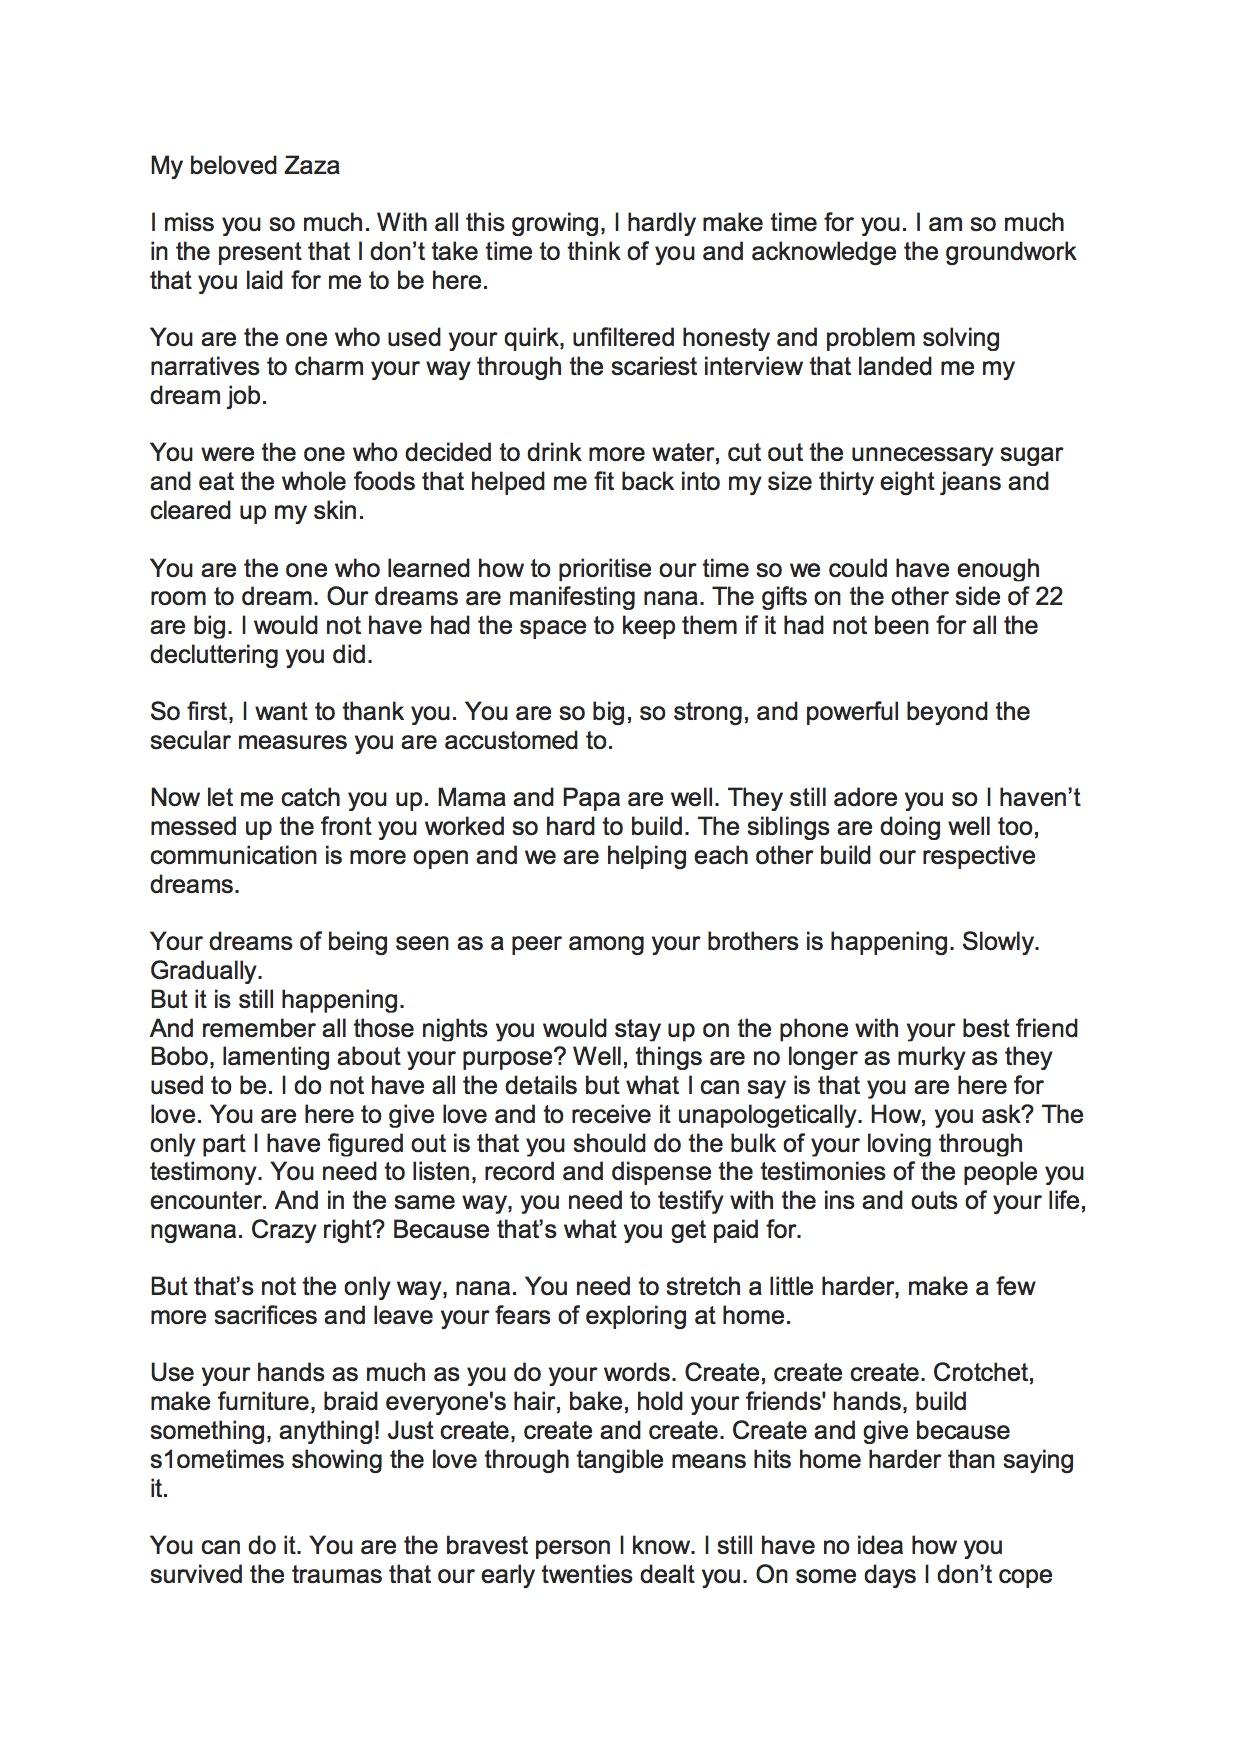 Zaza_s Letter .jpg